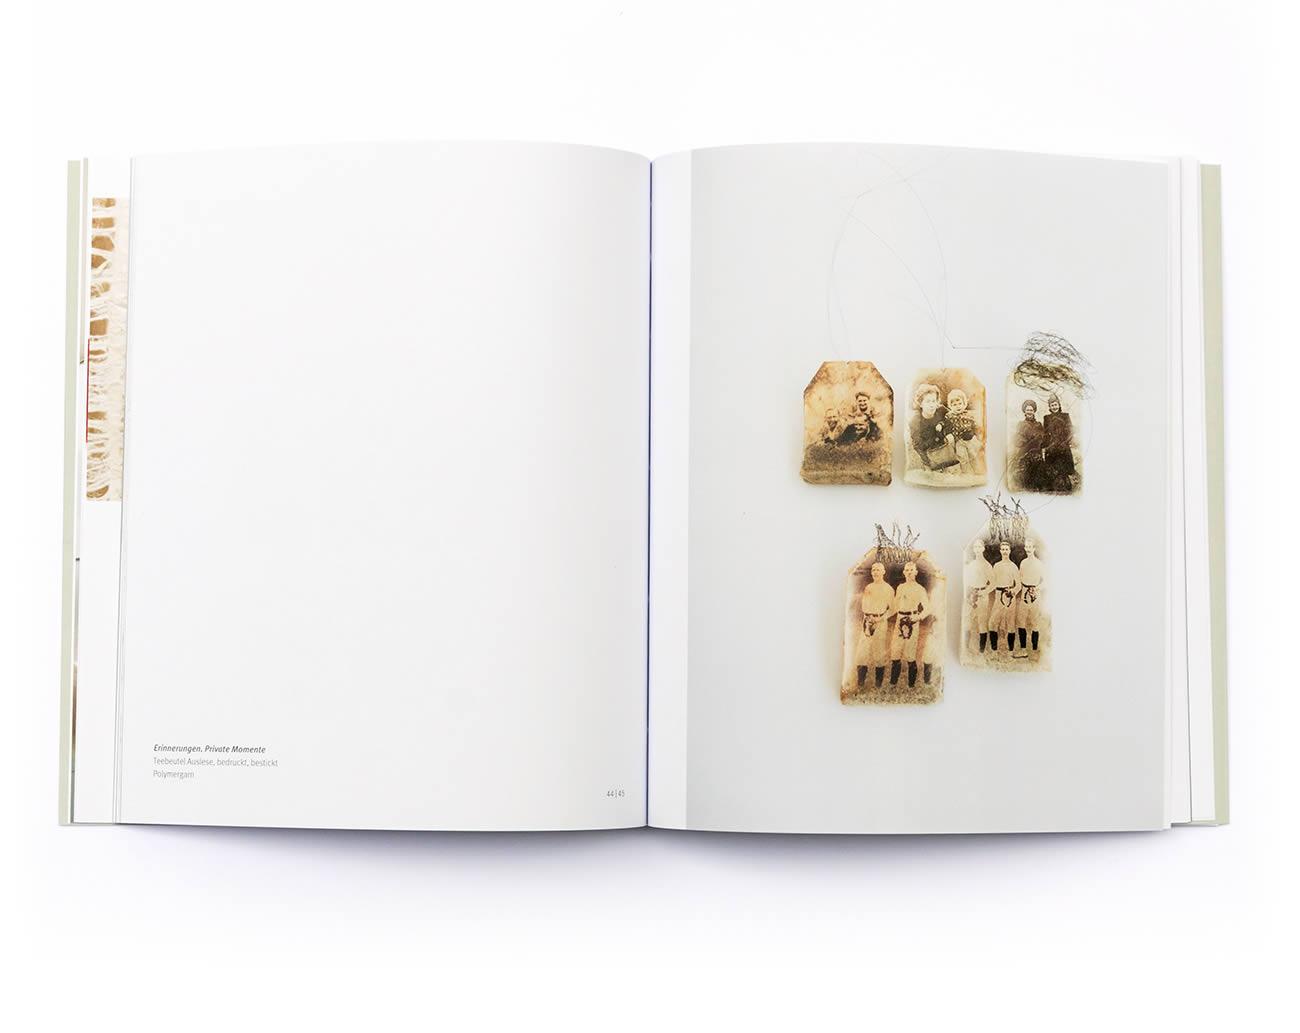 Petermeyer Zimmerer, Print, Broschüre, Sabine Neubauer, Werkübersicht, Katalog